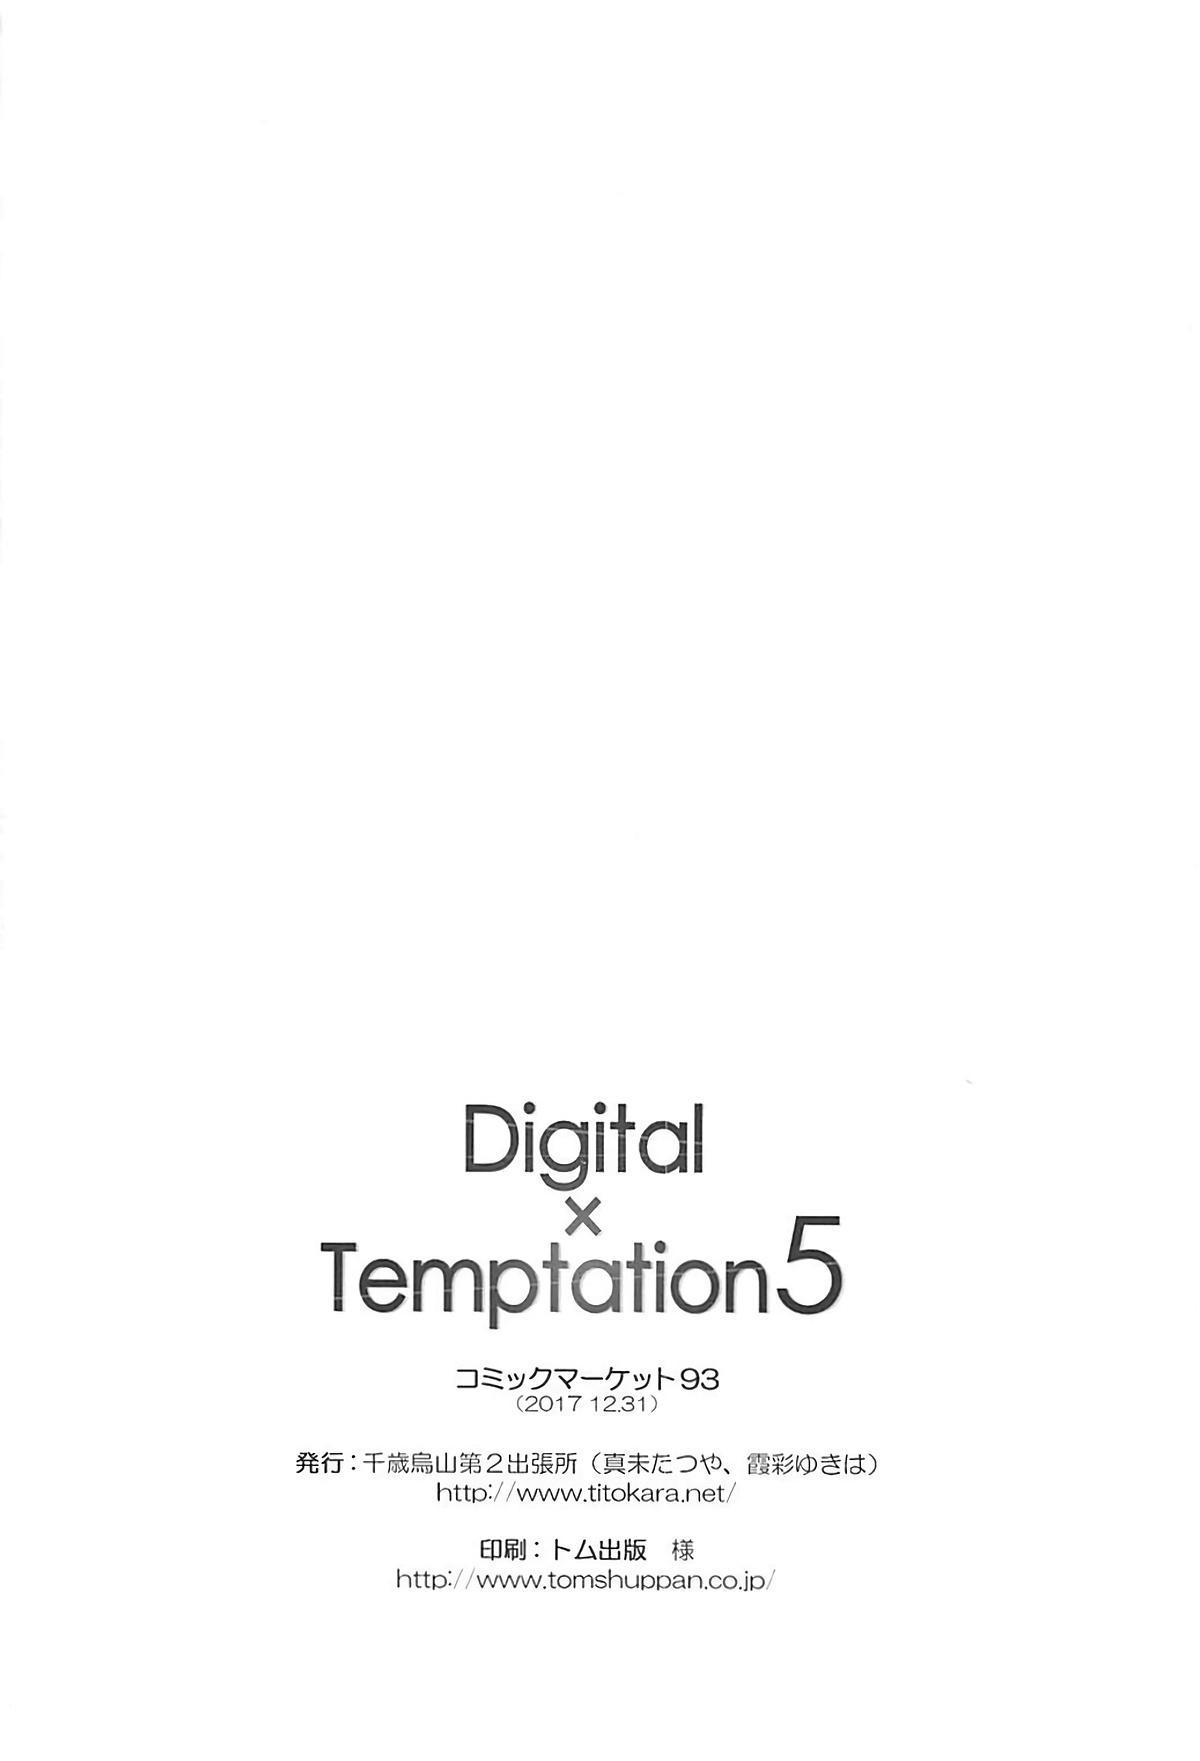 Digital x Temptation 5 20